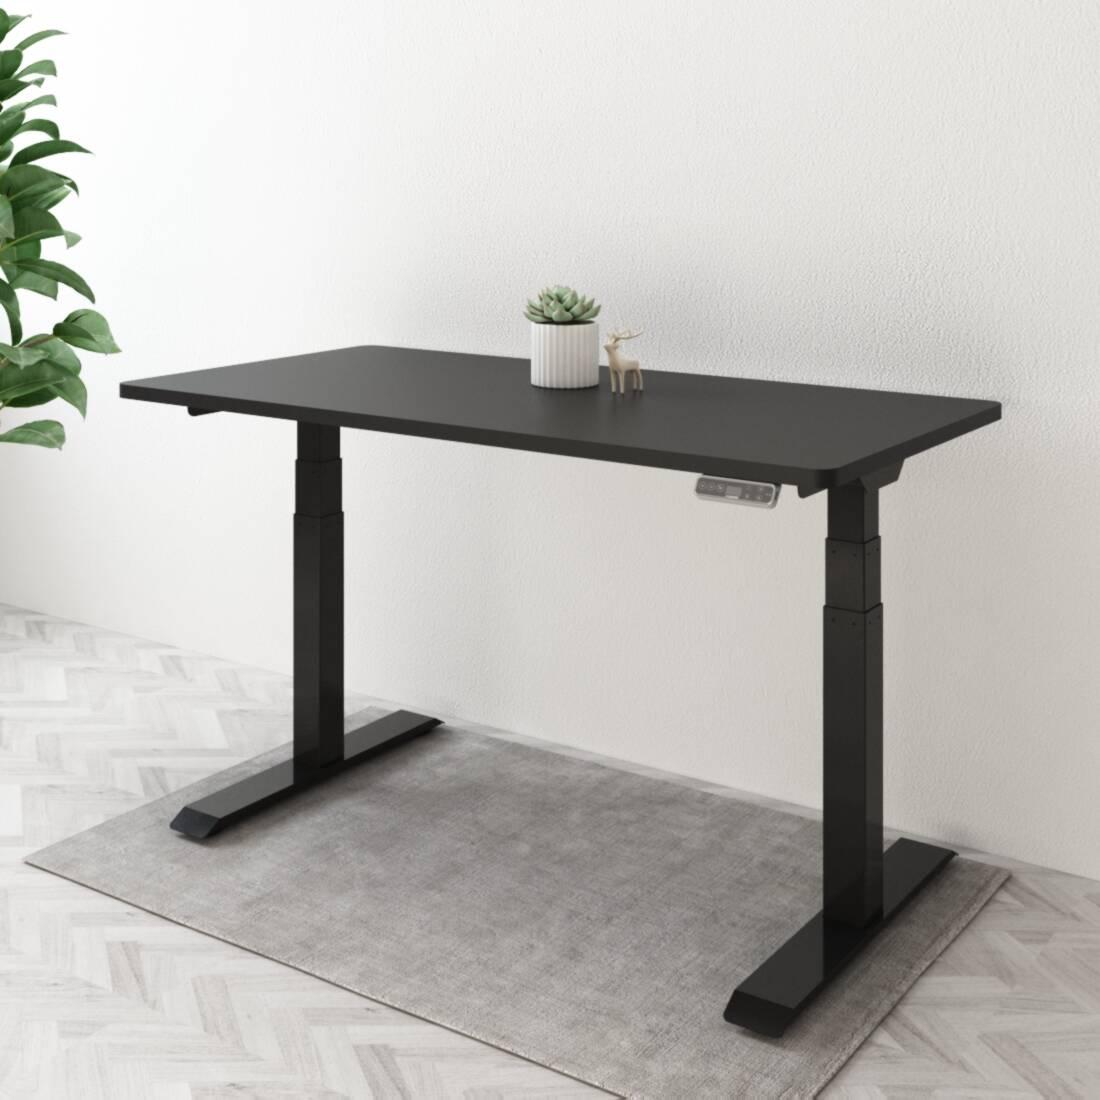 Flexispot E6 Höhenverstellbares Tischgestell (und weitere Angebote)